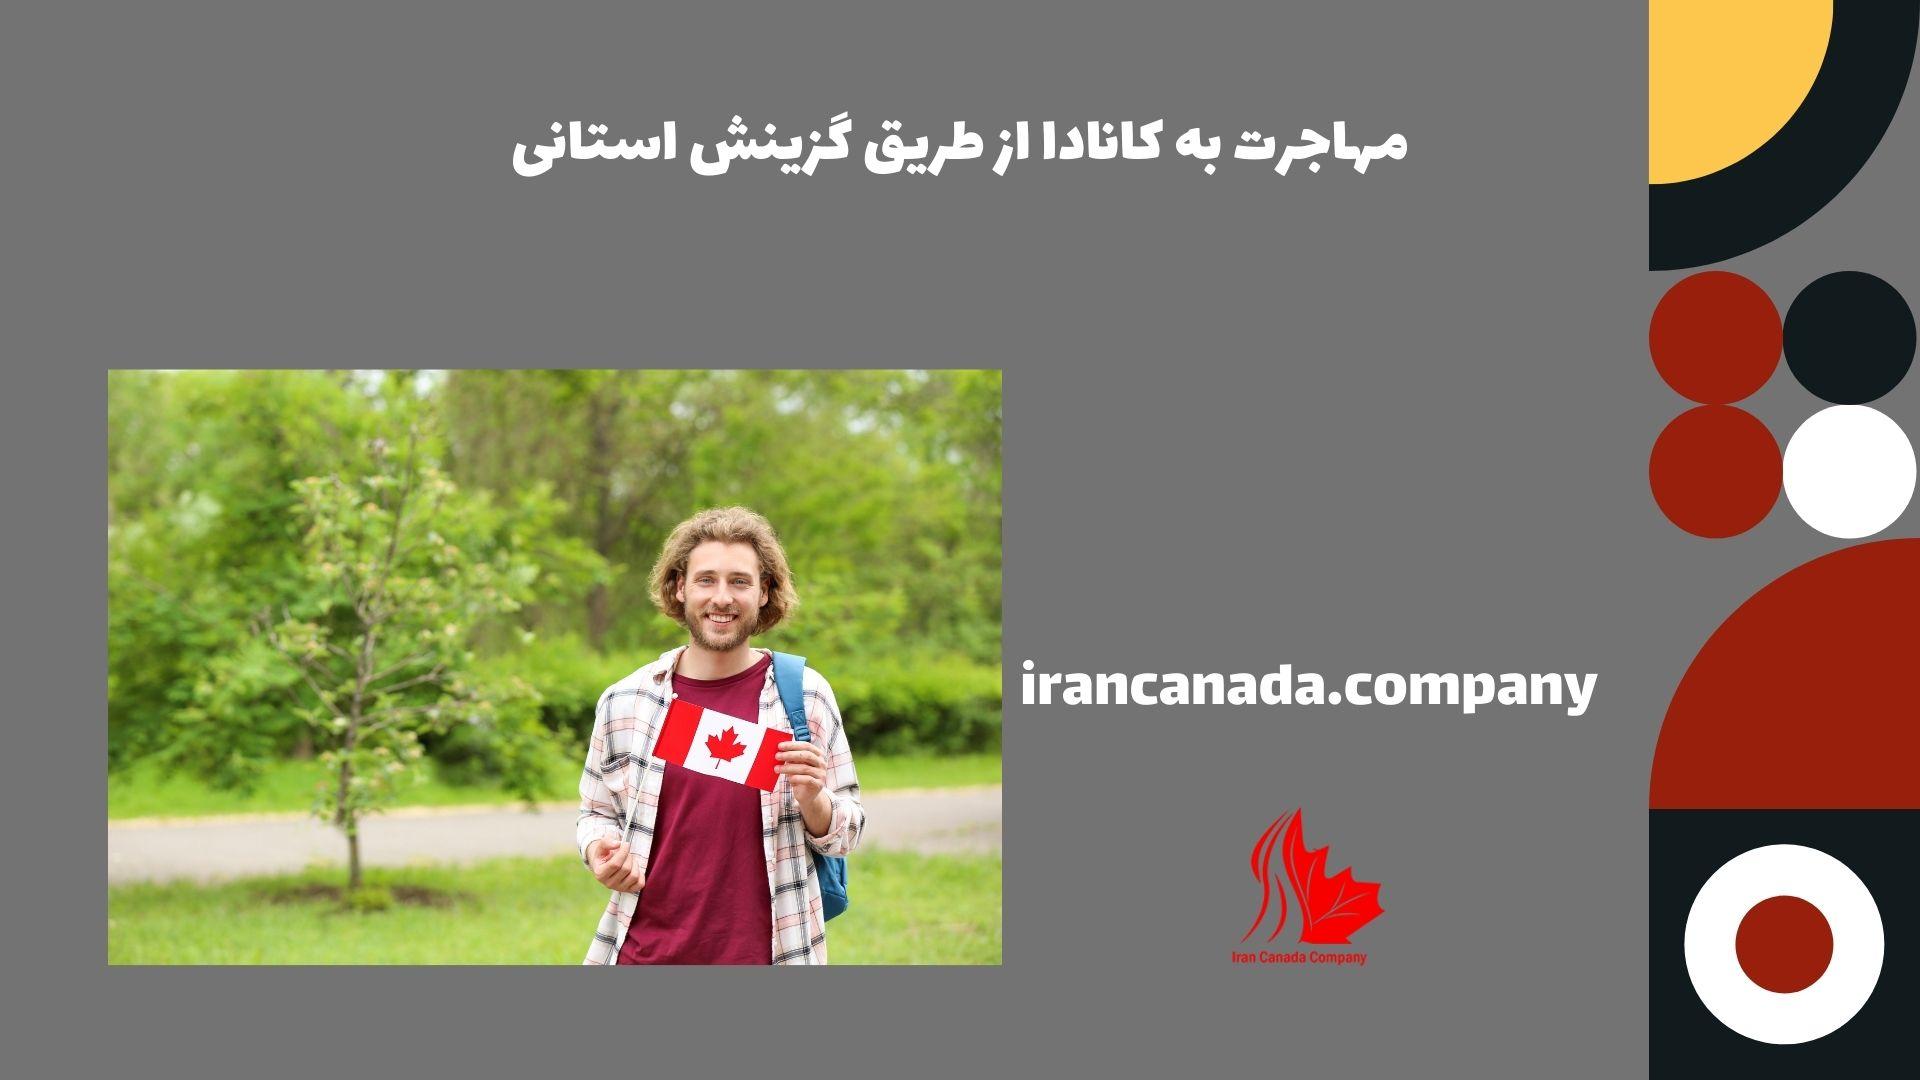 مهاجرت به کانادا از طریق گزینش استانی